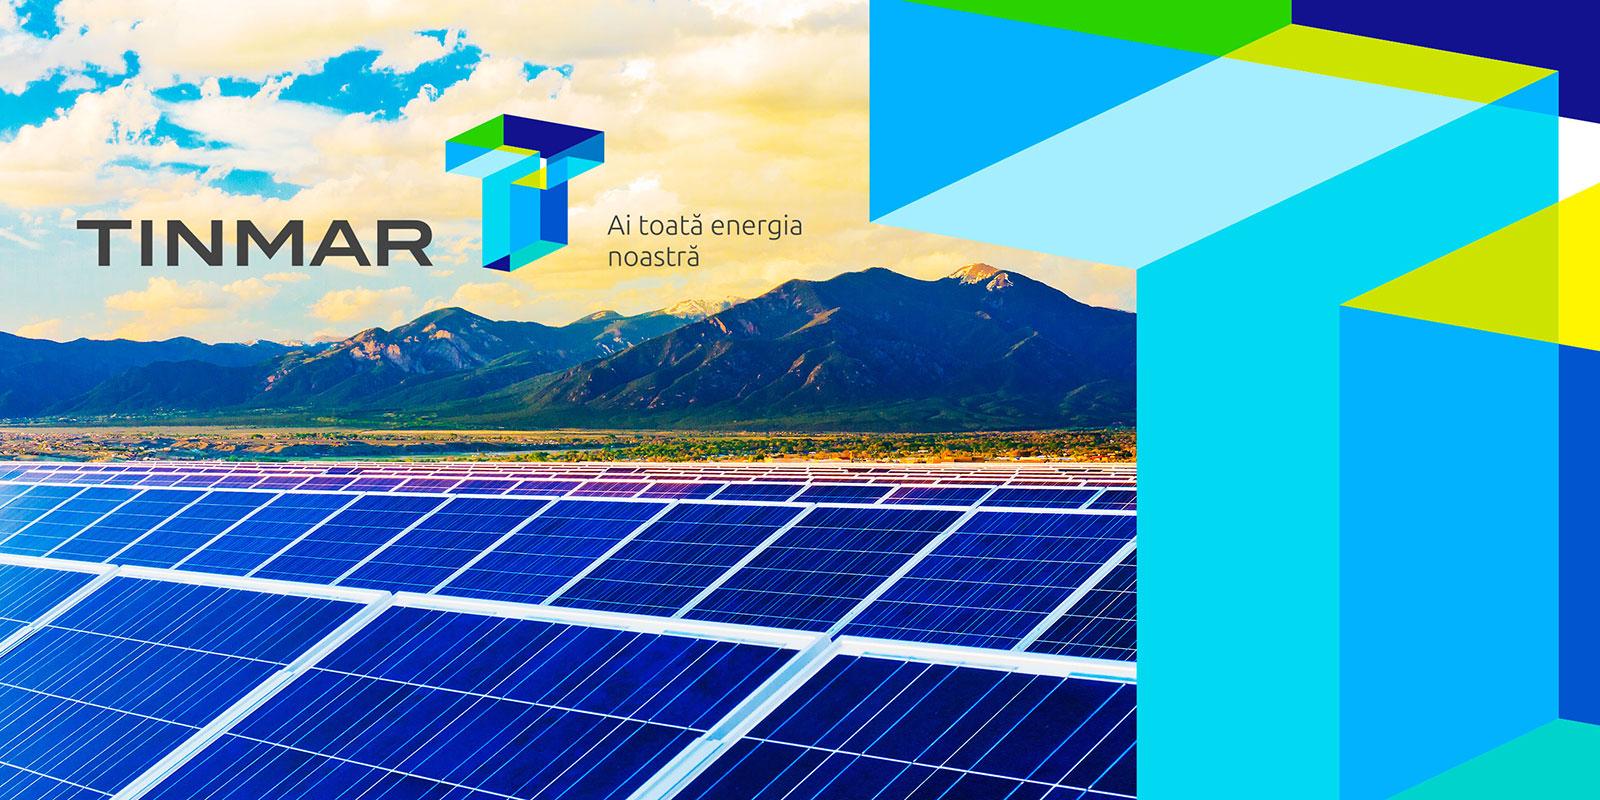 罗马尼亚能源公司Tinmar品牌形象vi设计